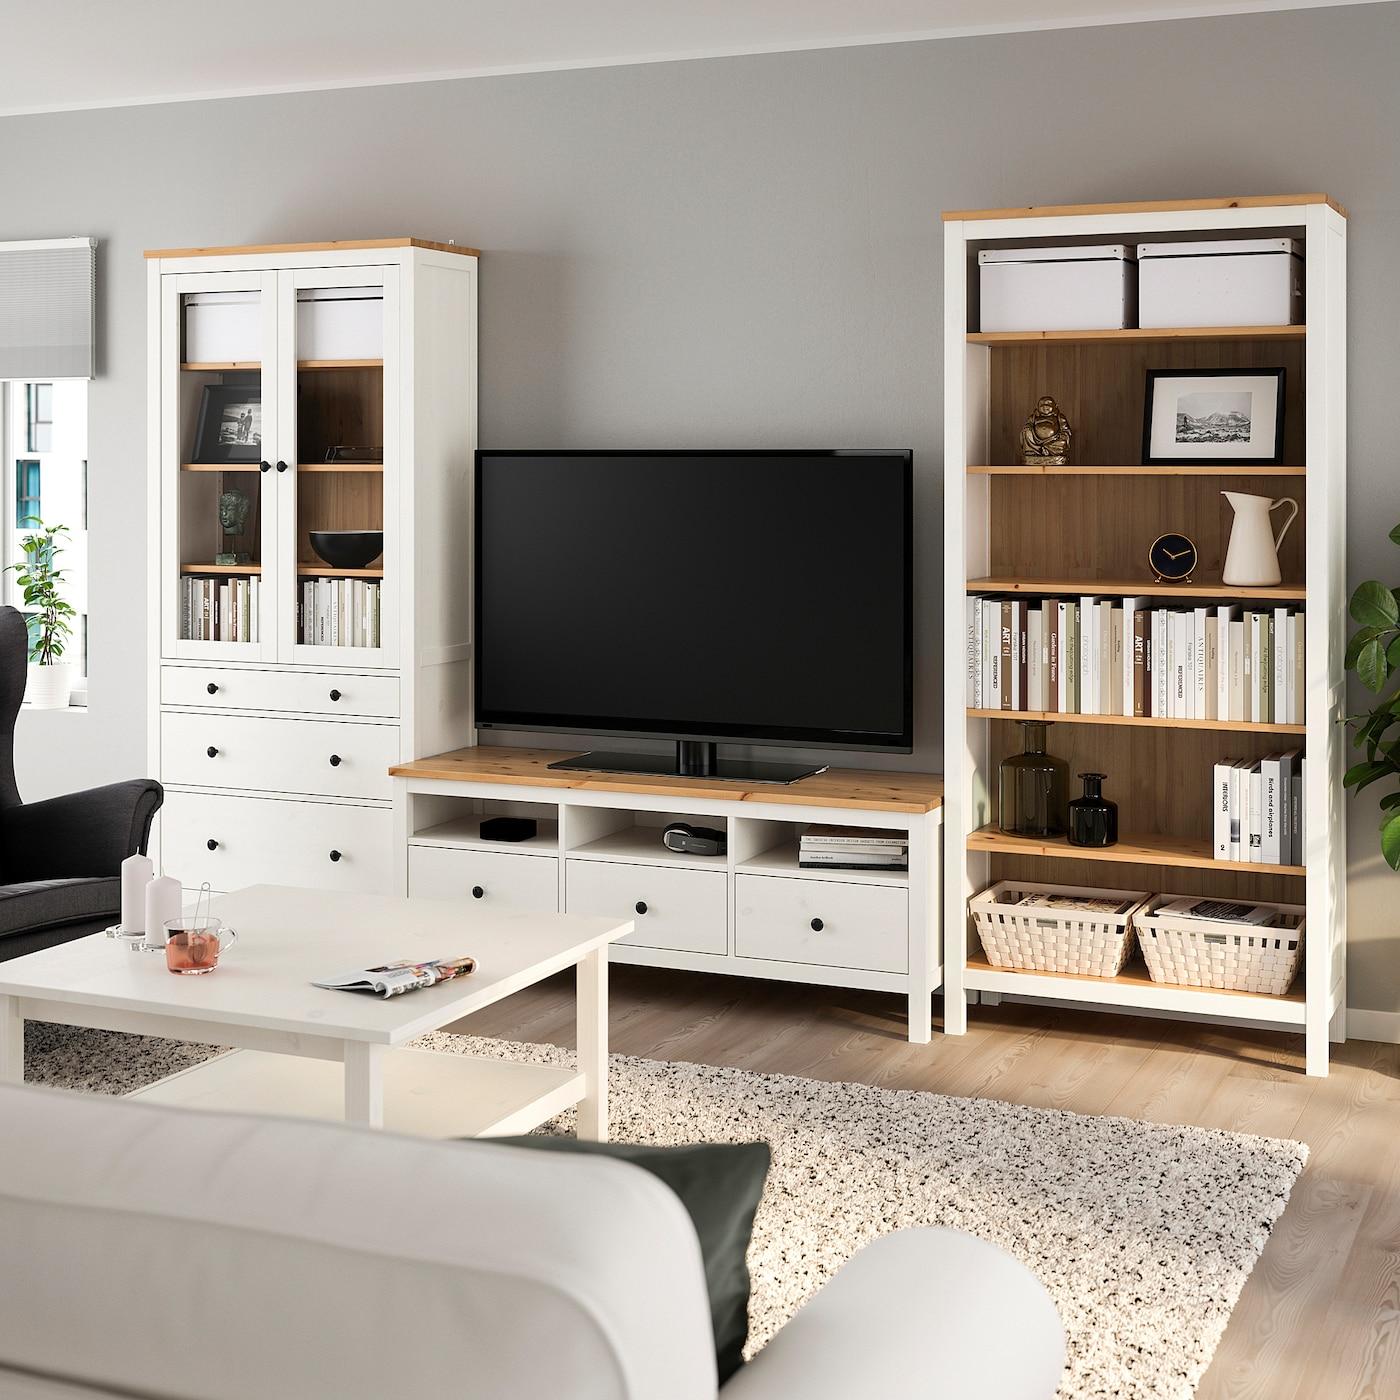 Hemnes Combinazione Per Tv Mordente Bianco Marrone Chiaro Vetro Trasparente 326x197 Cm Ikea It